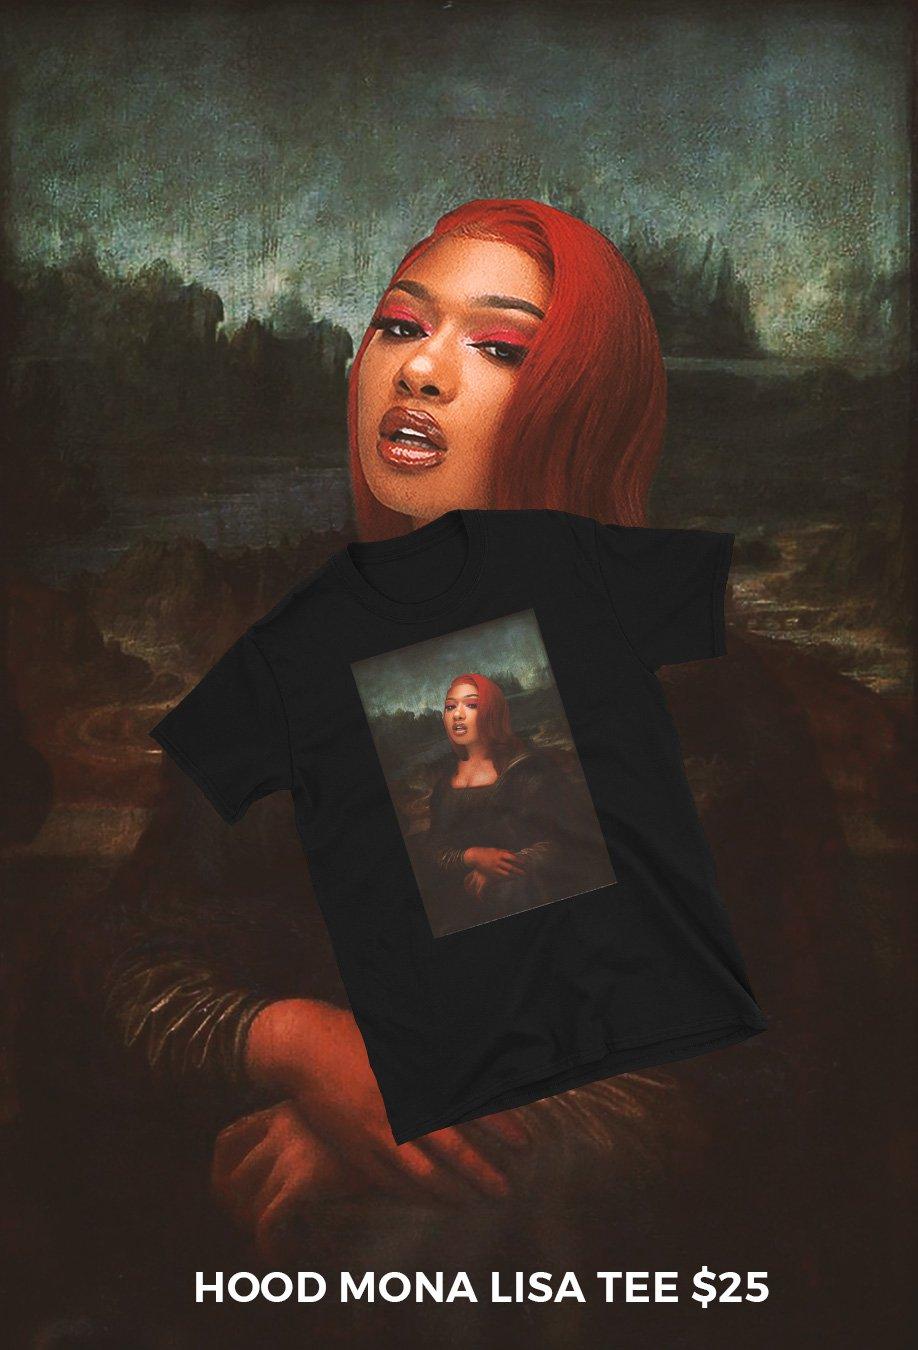 Image of Hood Mona Lisa Tee